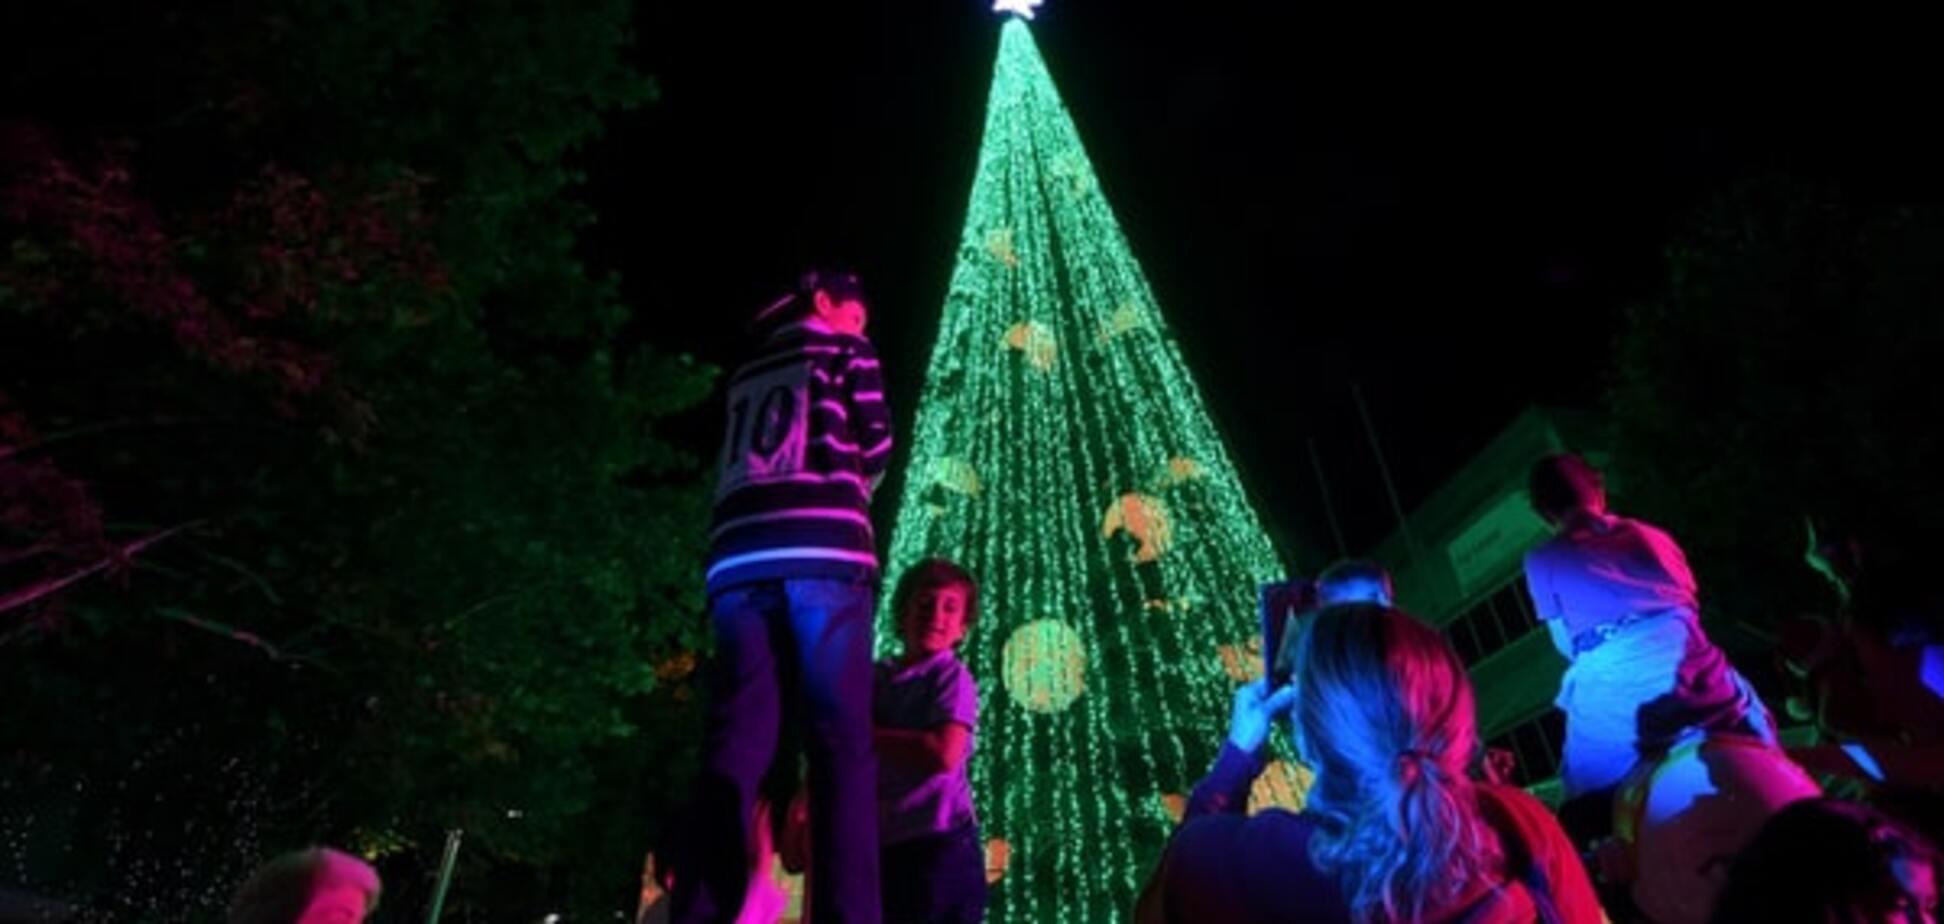 В Австралии установили самую яркую новогоднюю елку: фото красавицы